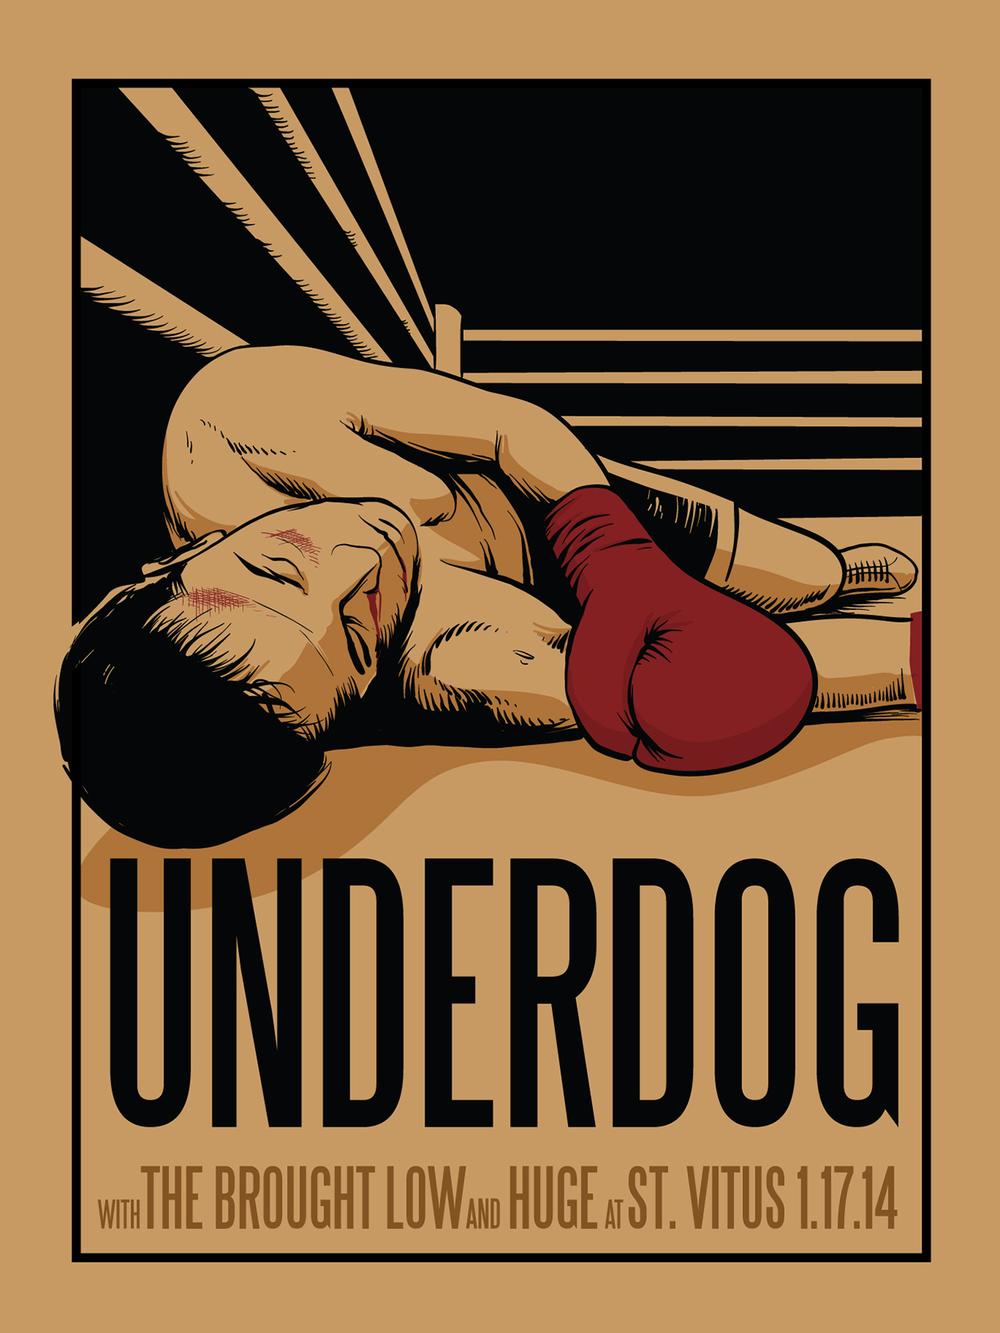 underdog1-17-14.jpg